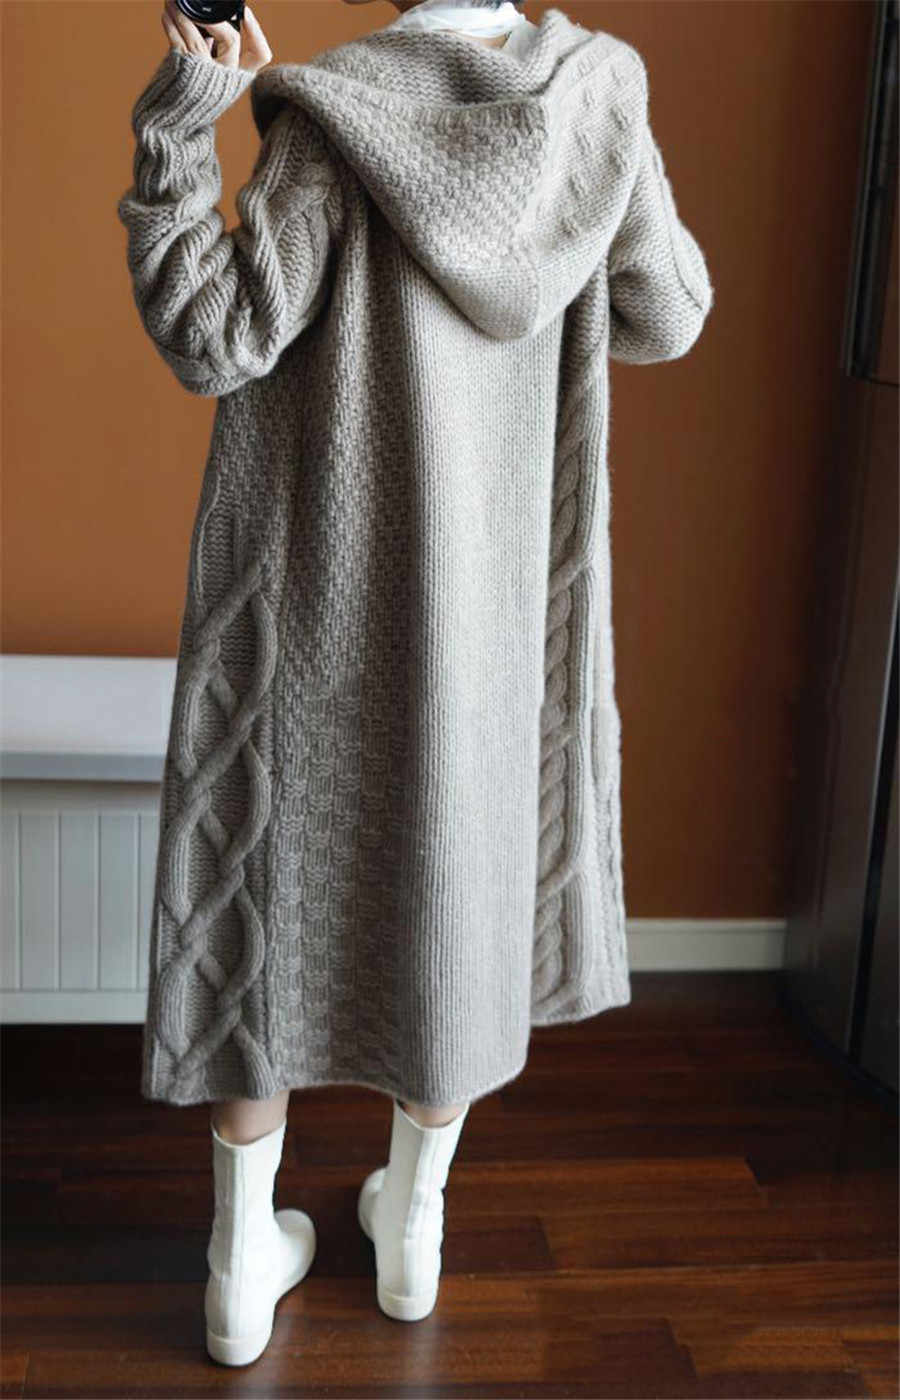 SU MISURA di PECORA autunno inverno nuove donne cappotto con cappuccio cardigan allentato femminile lungo maglione di cachemire di spessore di lana lavorato a maglia cardigan